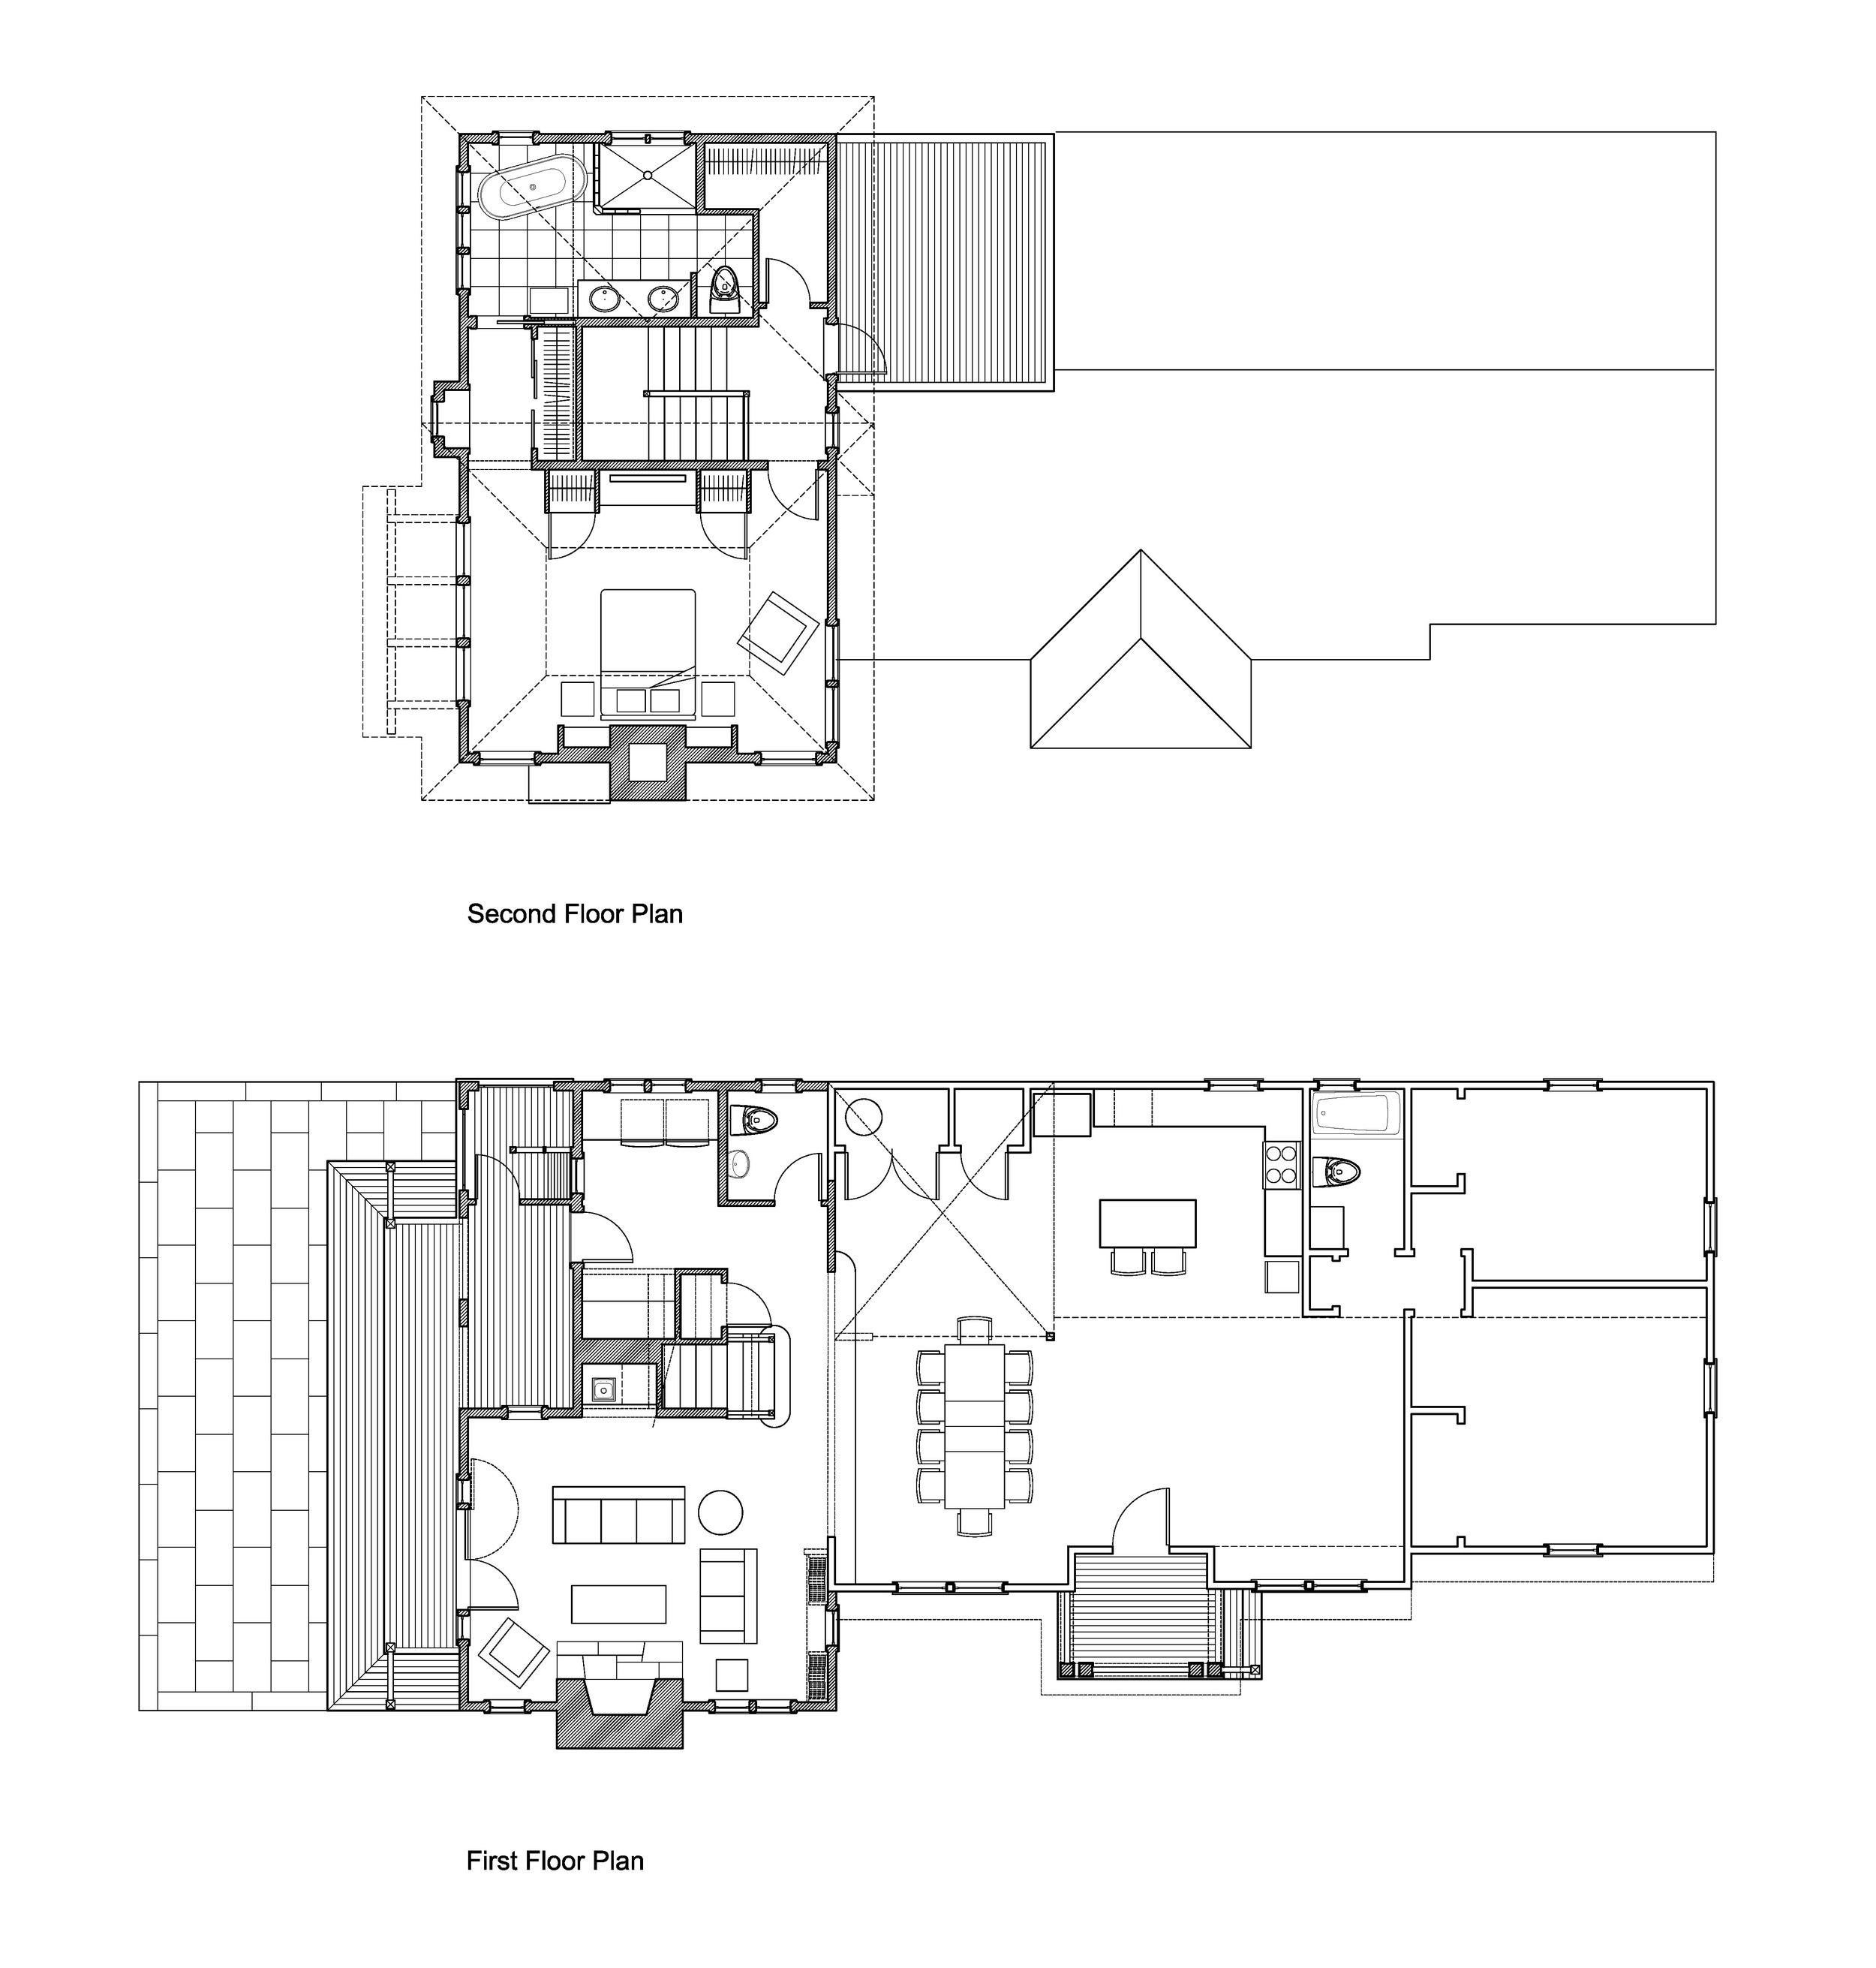 kruse_floor_plans.jpg